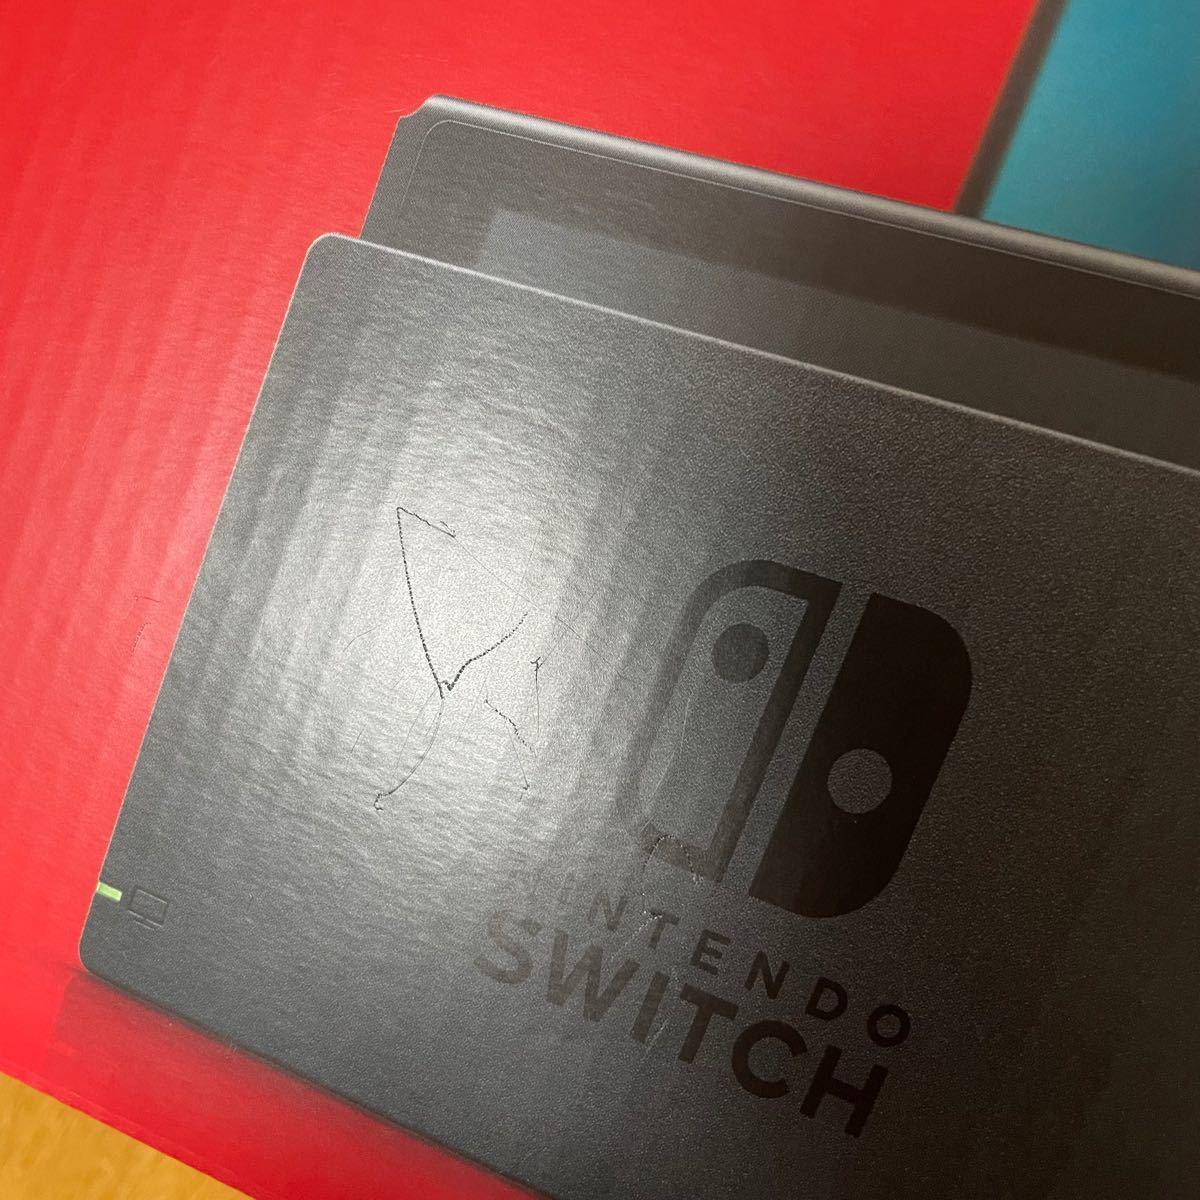 未使用 Nintendo Switch ニンテンドー スイッチ 新型 本体 Joy-Con ジョイコン 一式 無し